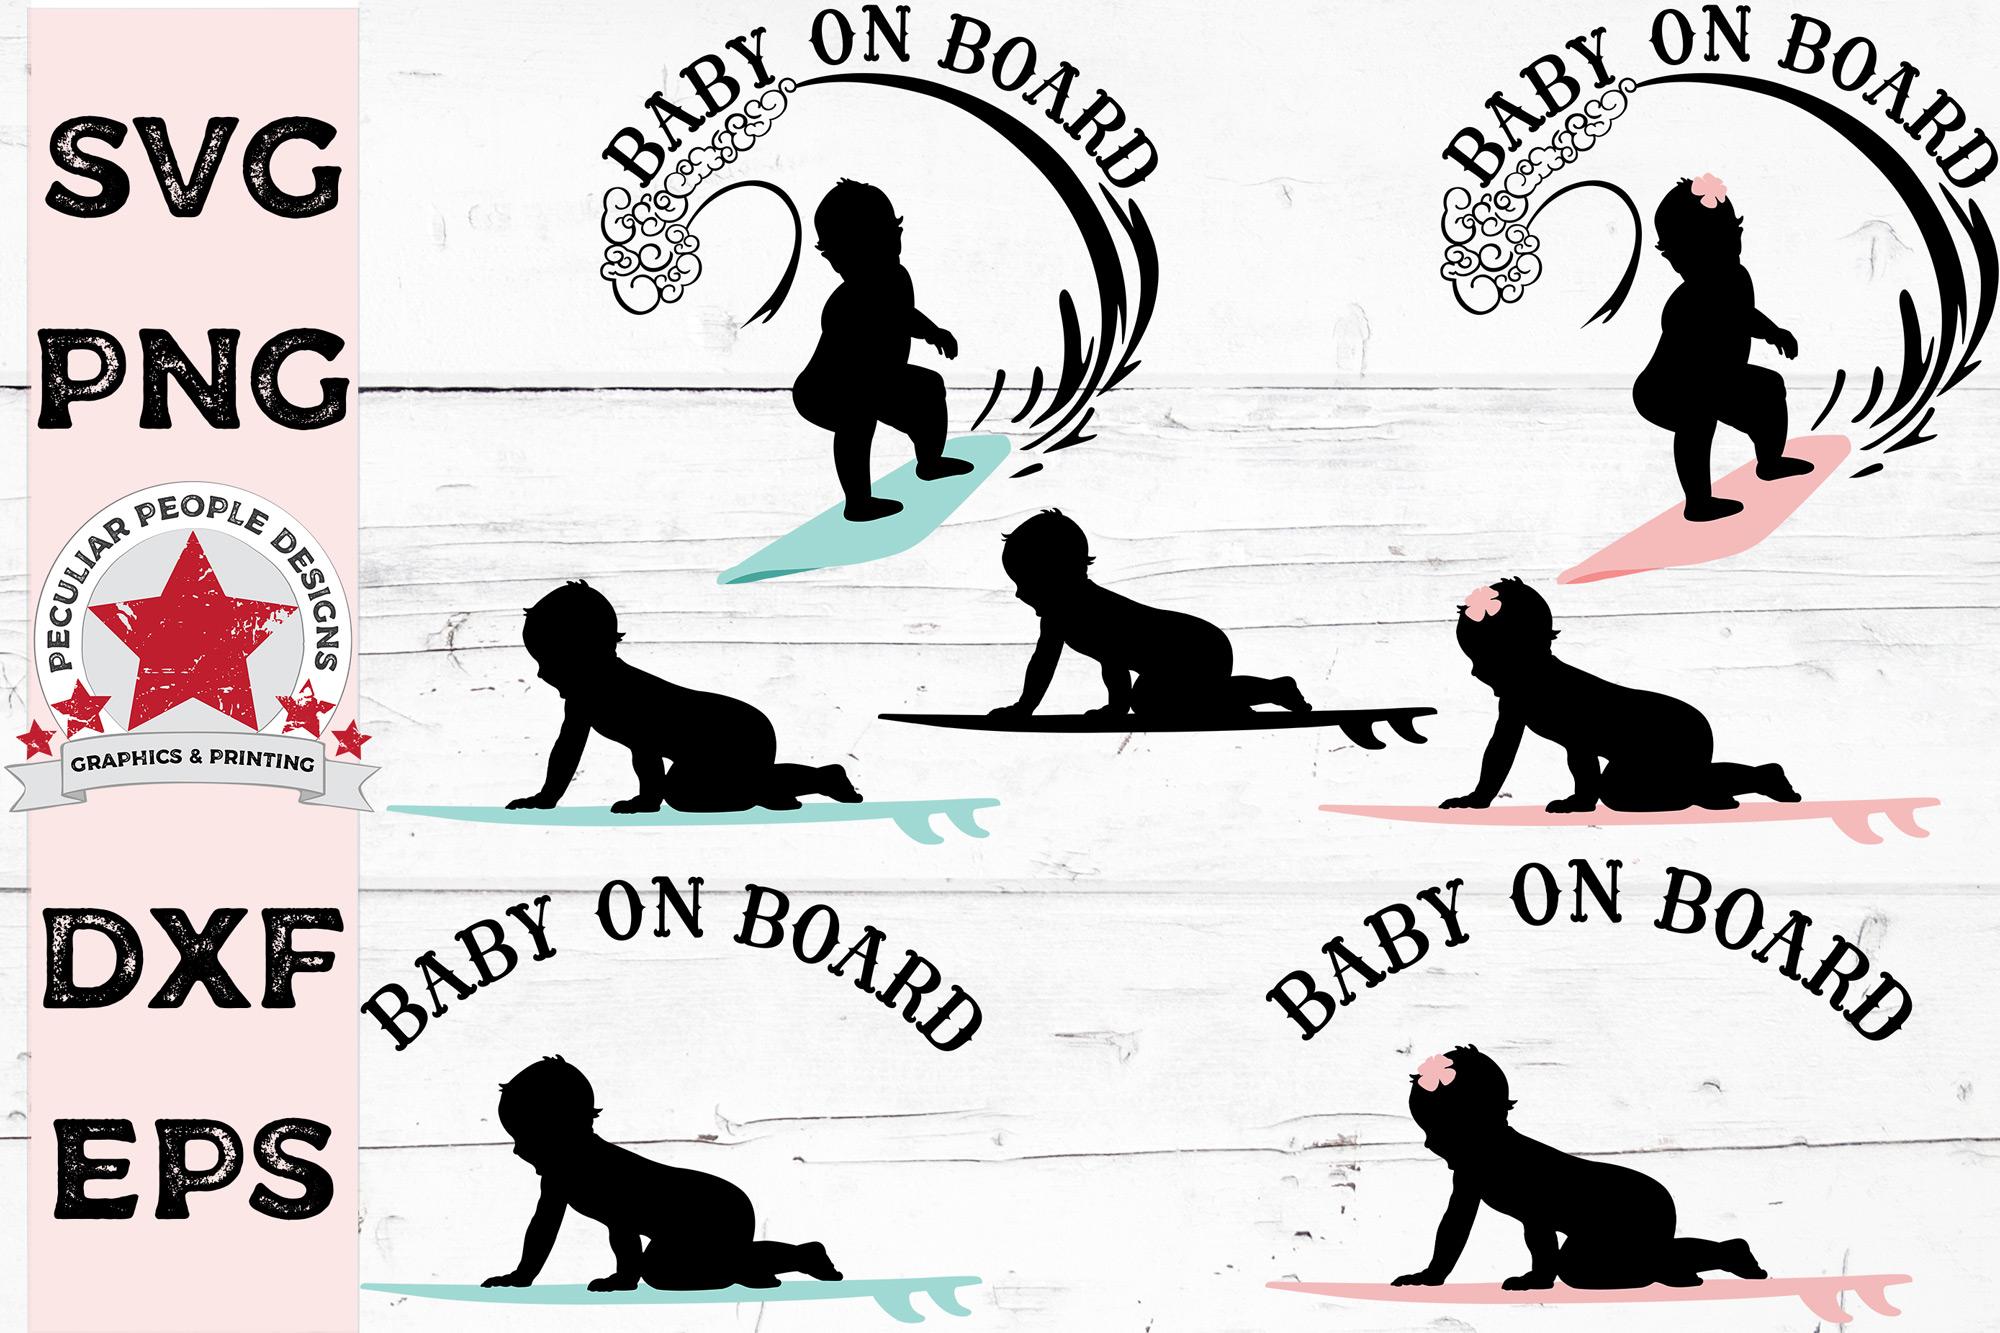 Big SVG Bundle Baby On Board Surfer Skateboarder Snowboarder example image 3